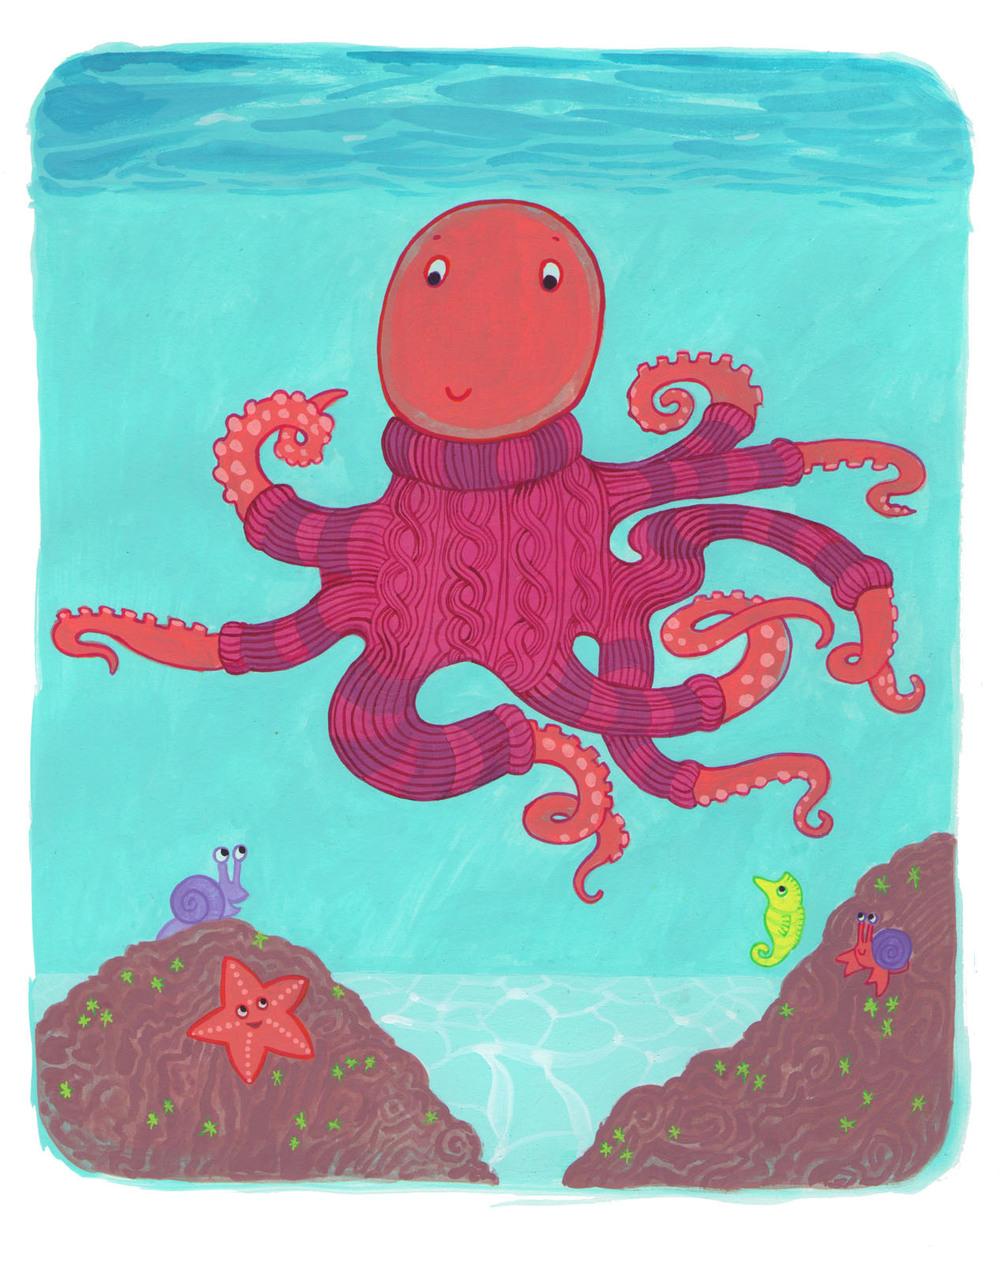 octopus-sm.jpg